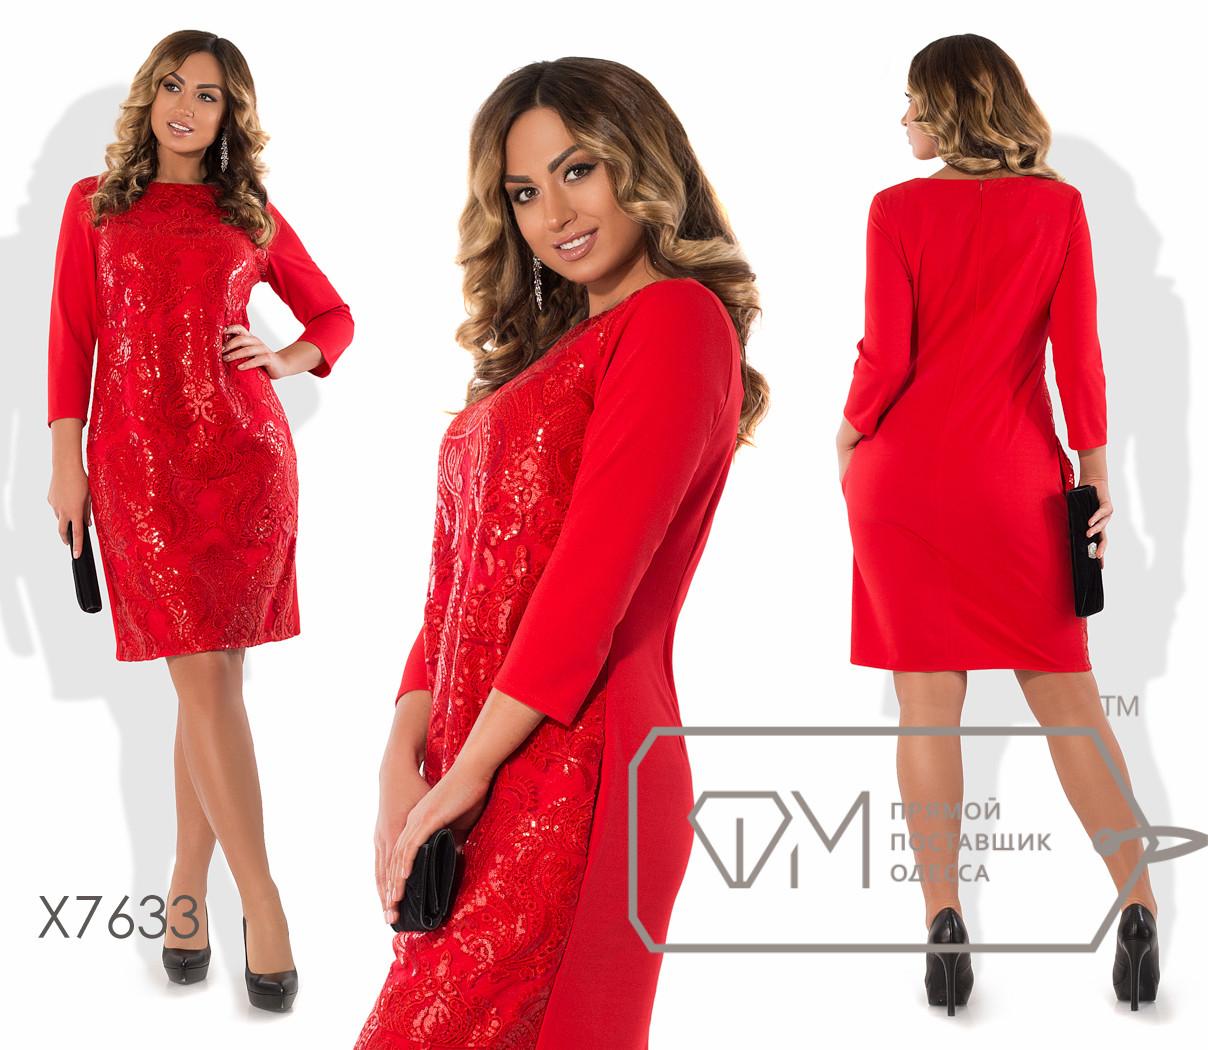 Платье-футляр миди прямое из креп-дайвинга с рукавами 3/4 и сплошным передом из однотонной вышивки на сетке X7633